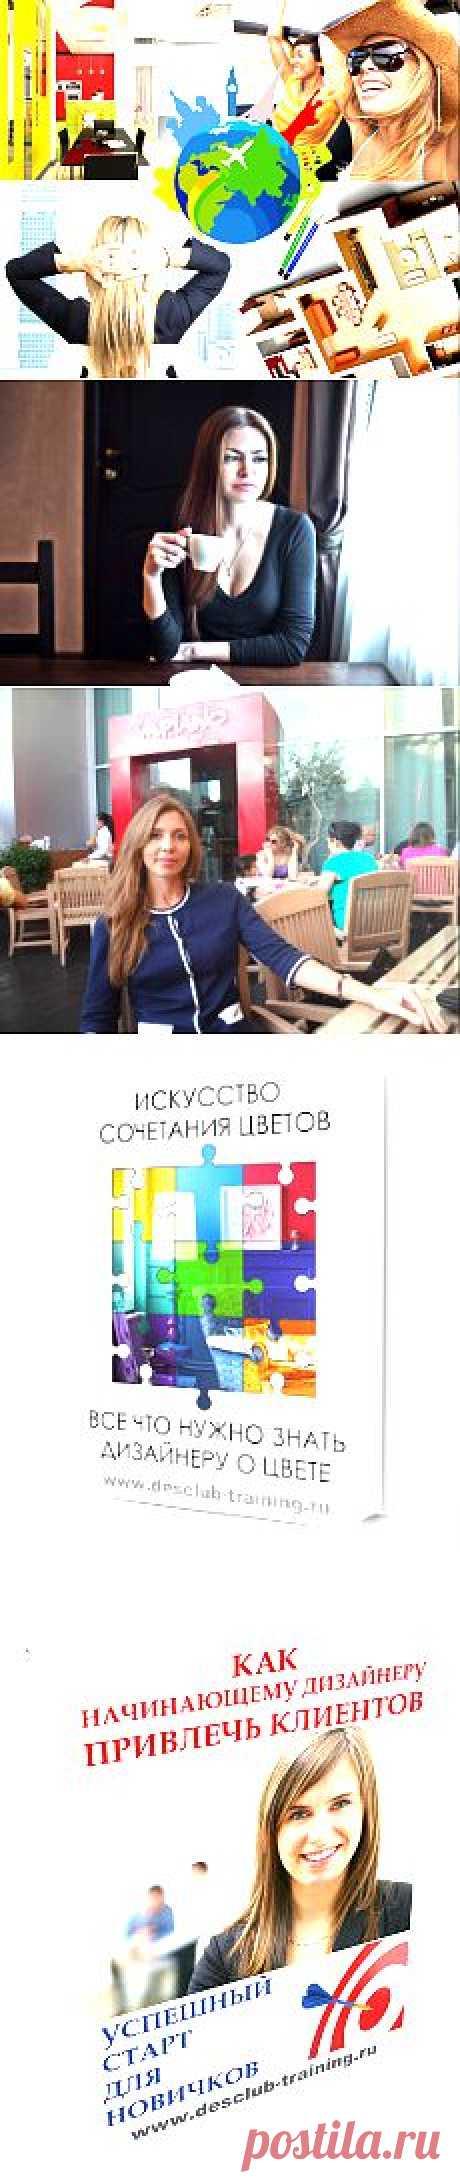 Дизайнер | Официальный сайт дизайнера Галины Татаровой Design Club